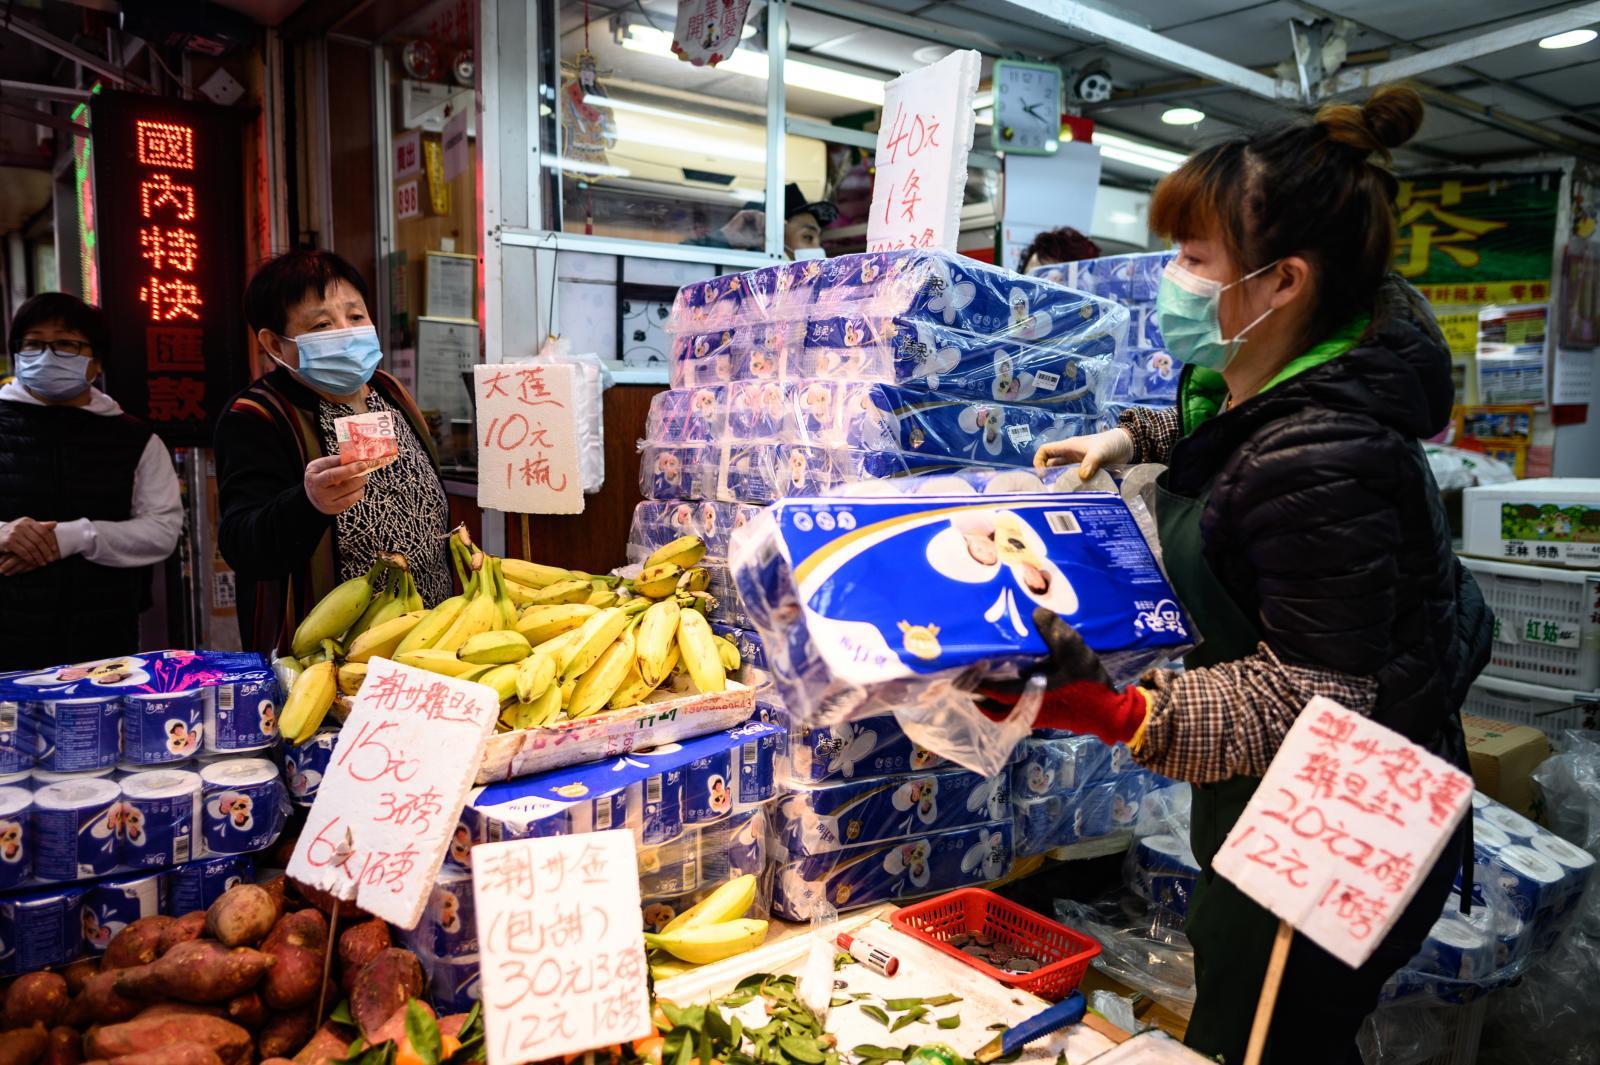 โจรบุกปล้นกระดาษทิชชู 600 ม้วน กลางเมืองฮ่องกง